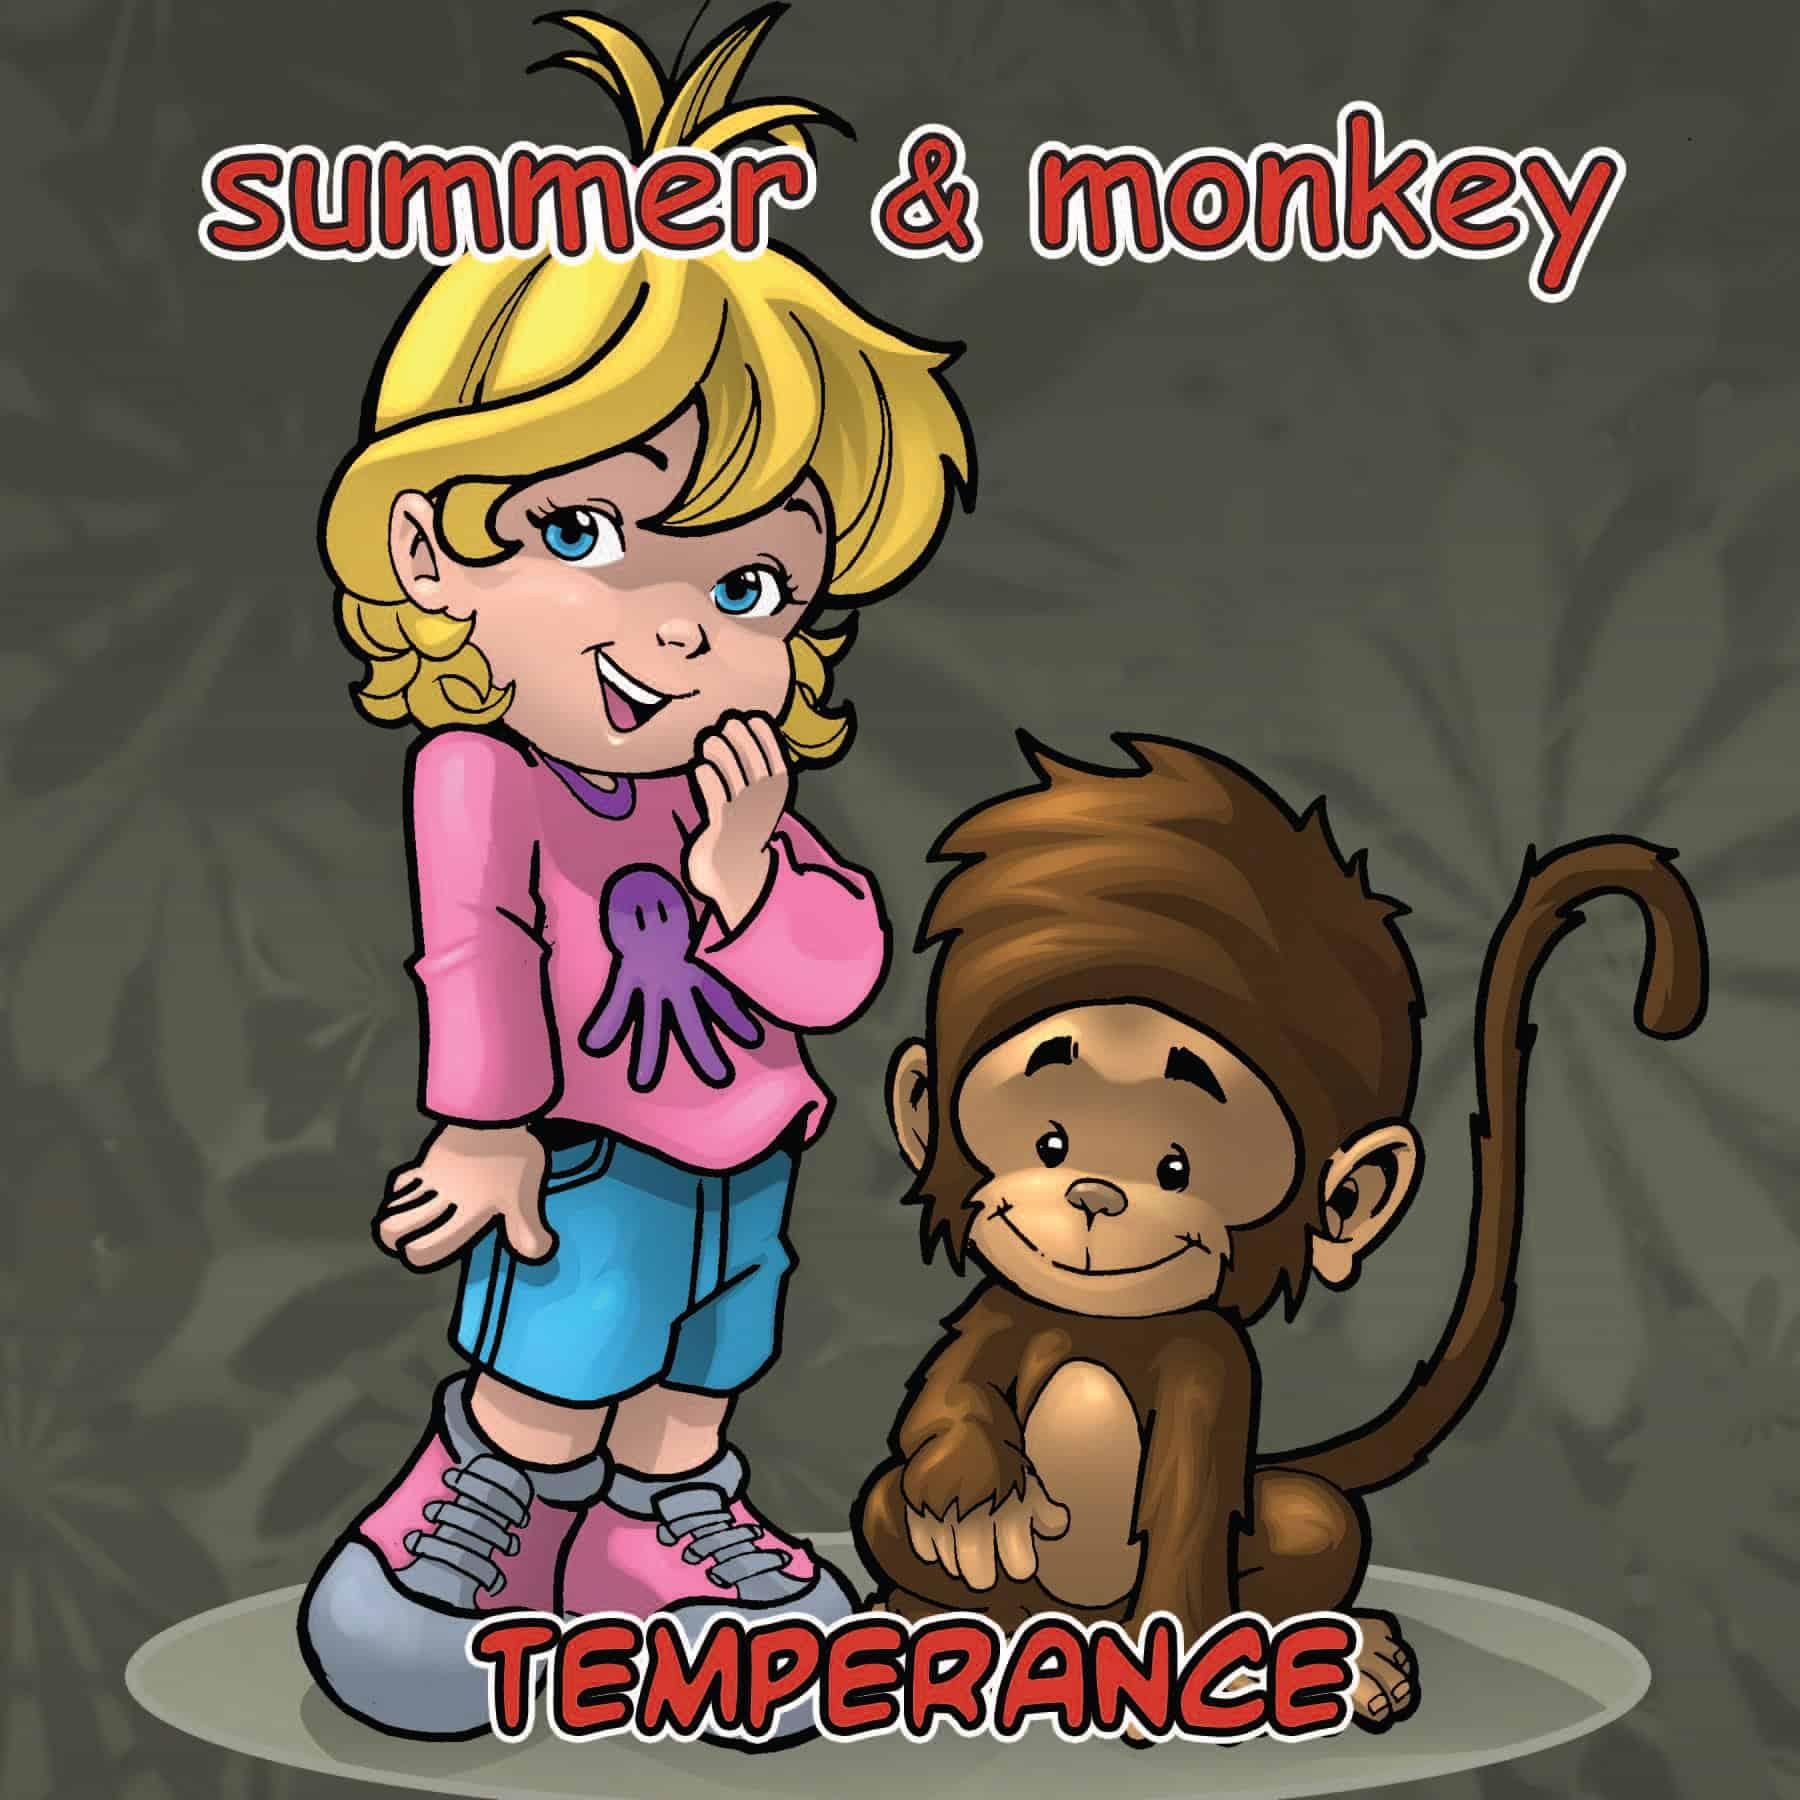 Summer_Temperance-300dpi-1